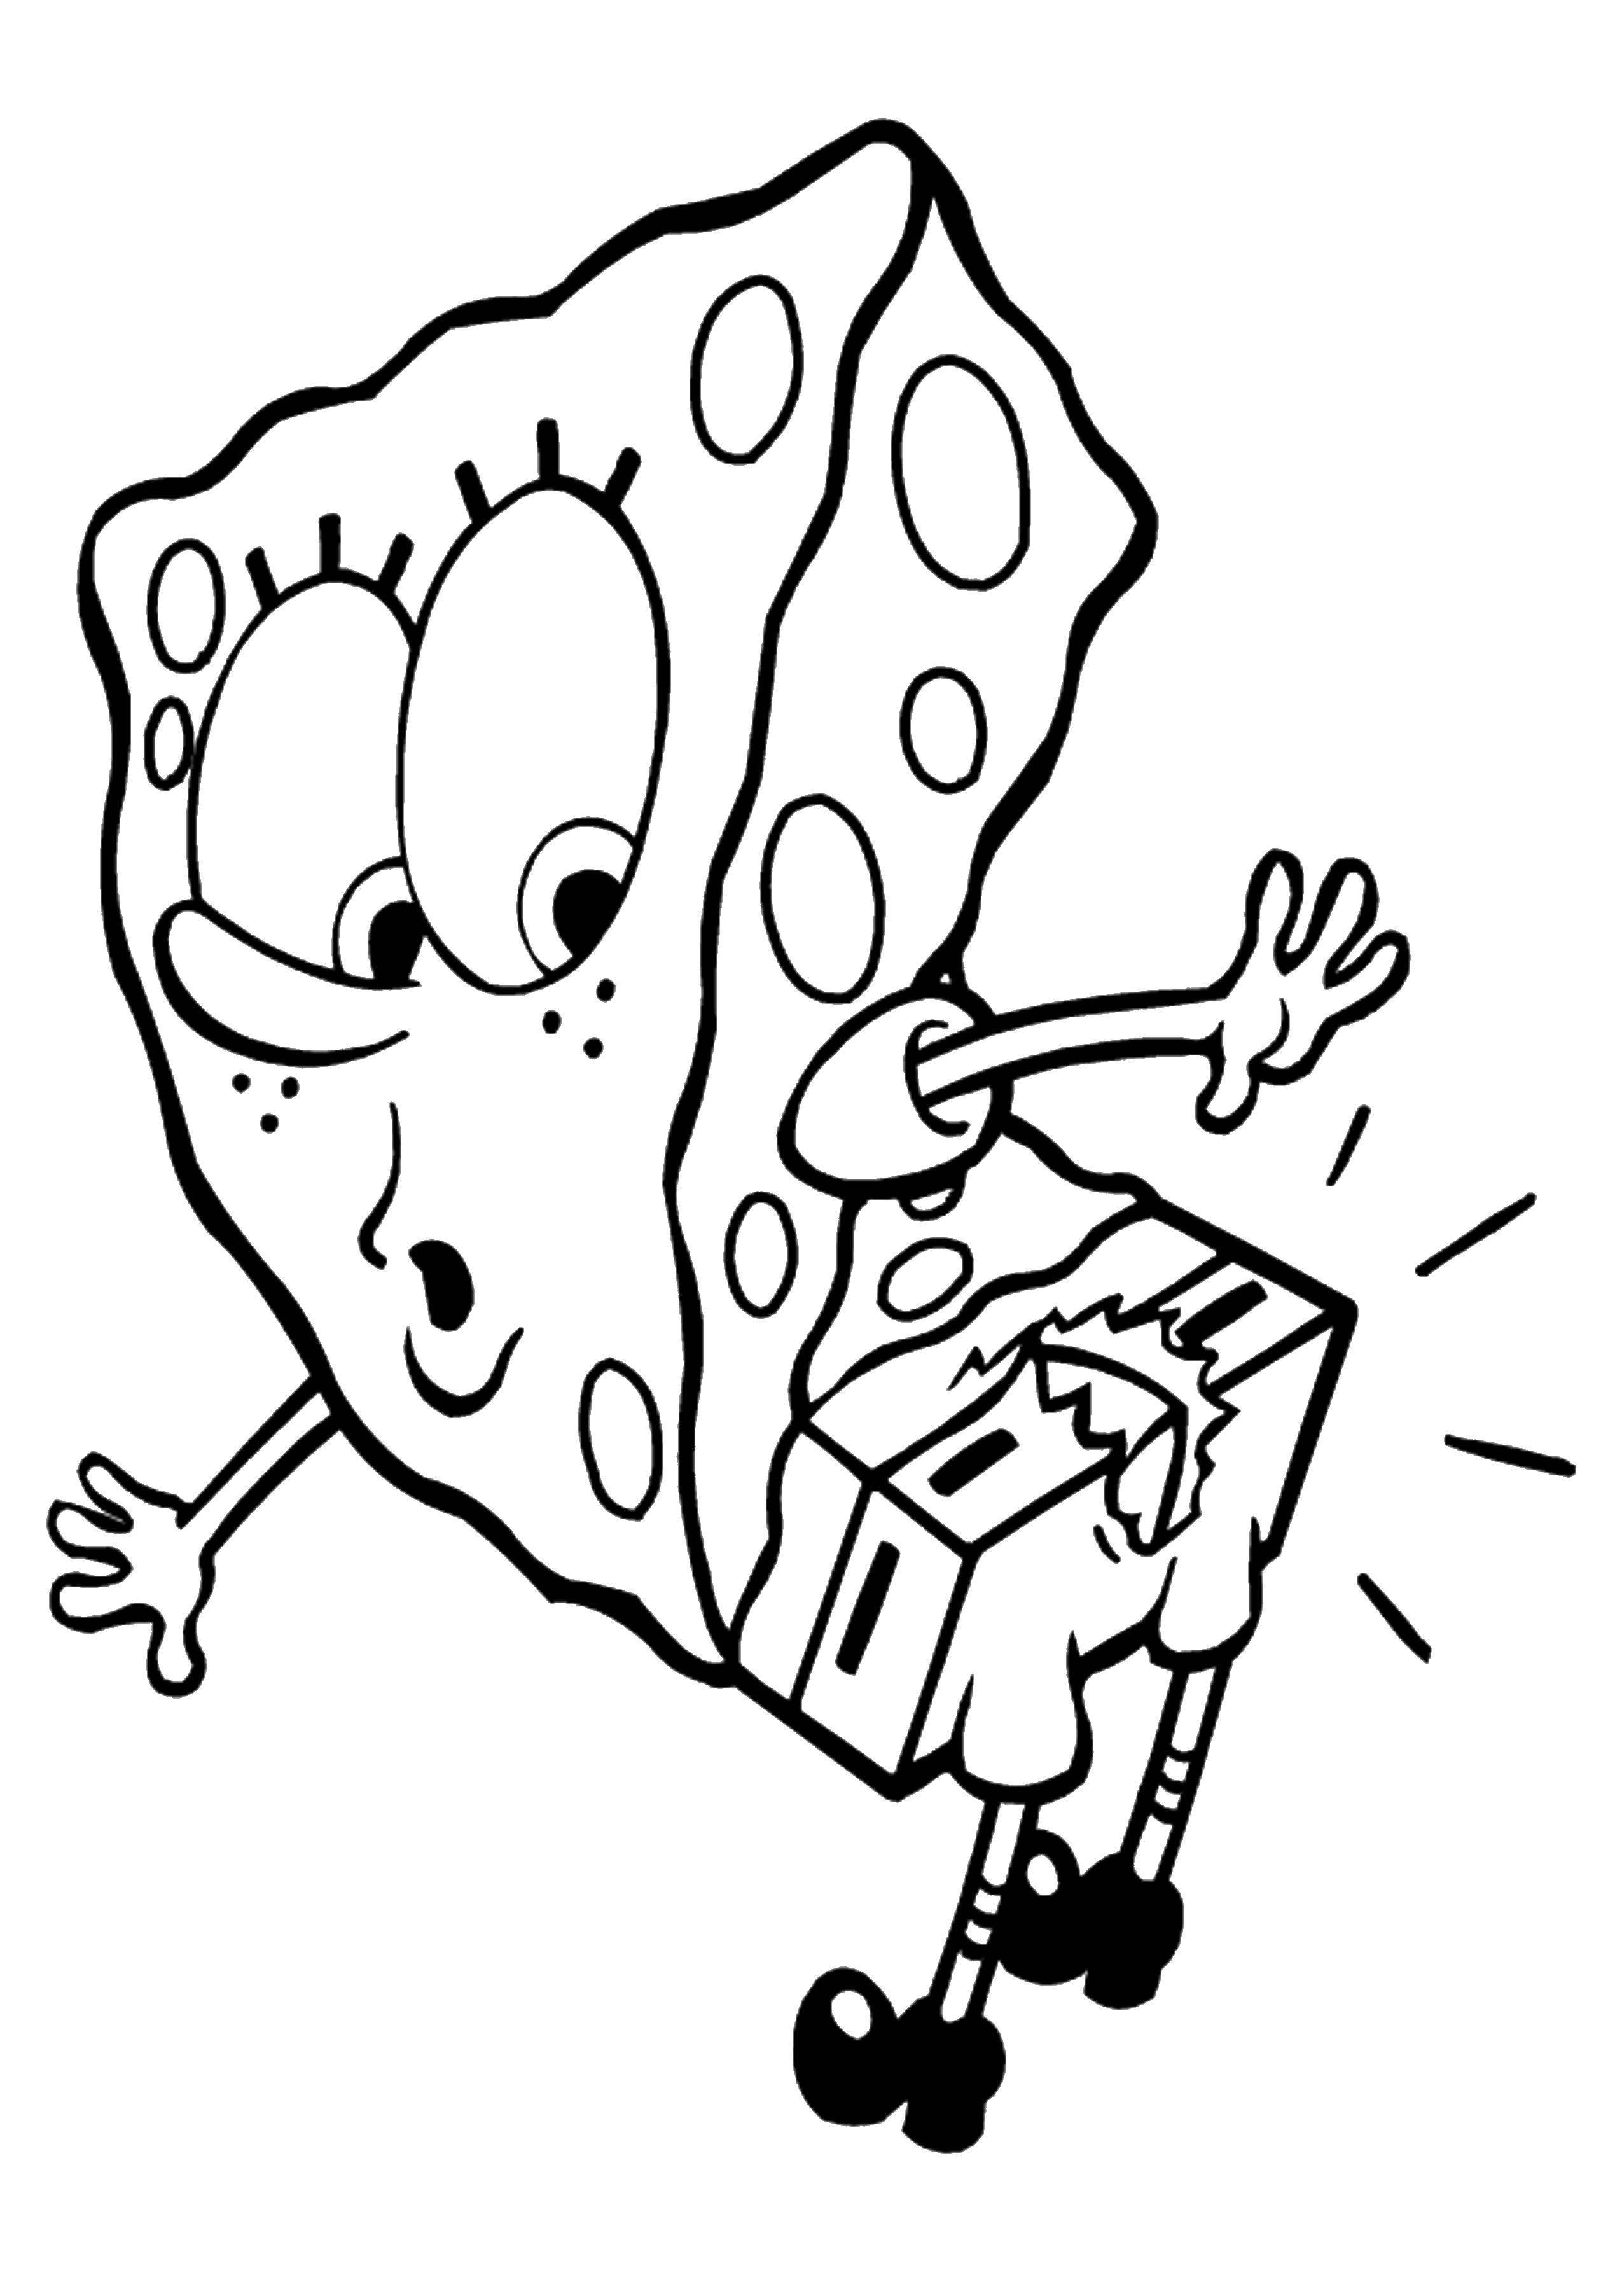 Раскраска Спанч боб порвал штаны Скачать Спанч Боб, штаны, мультфильм.  Распечатать ,Спанч Боб,